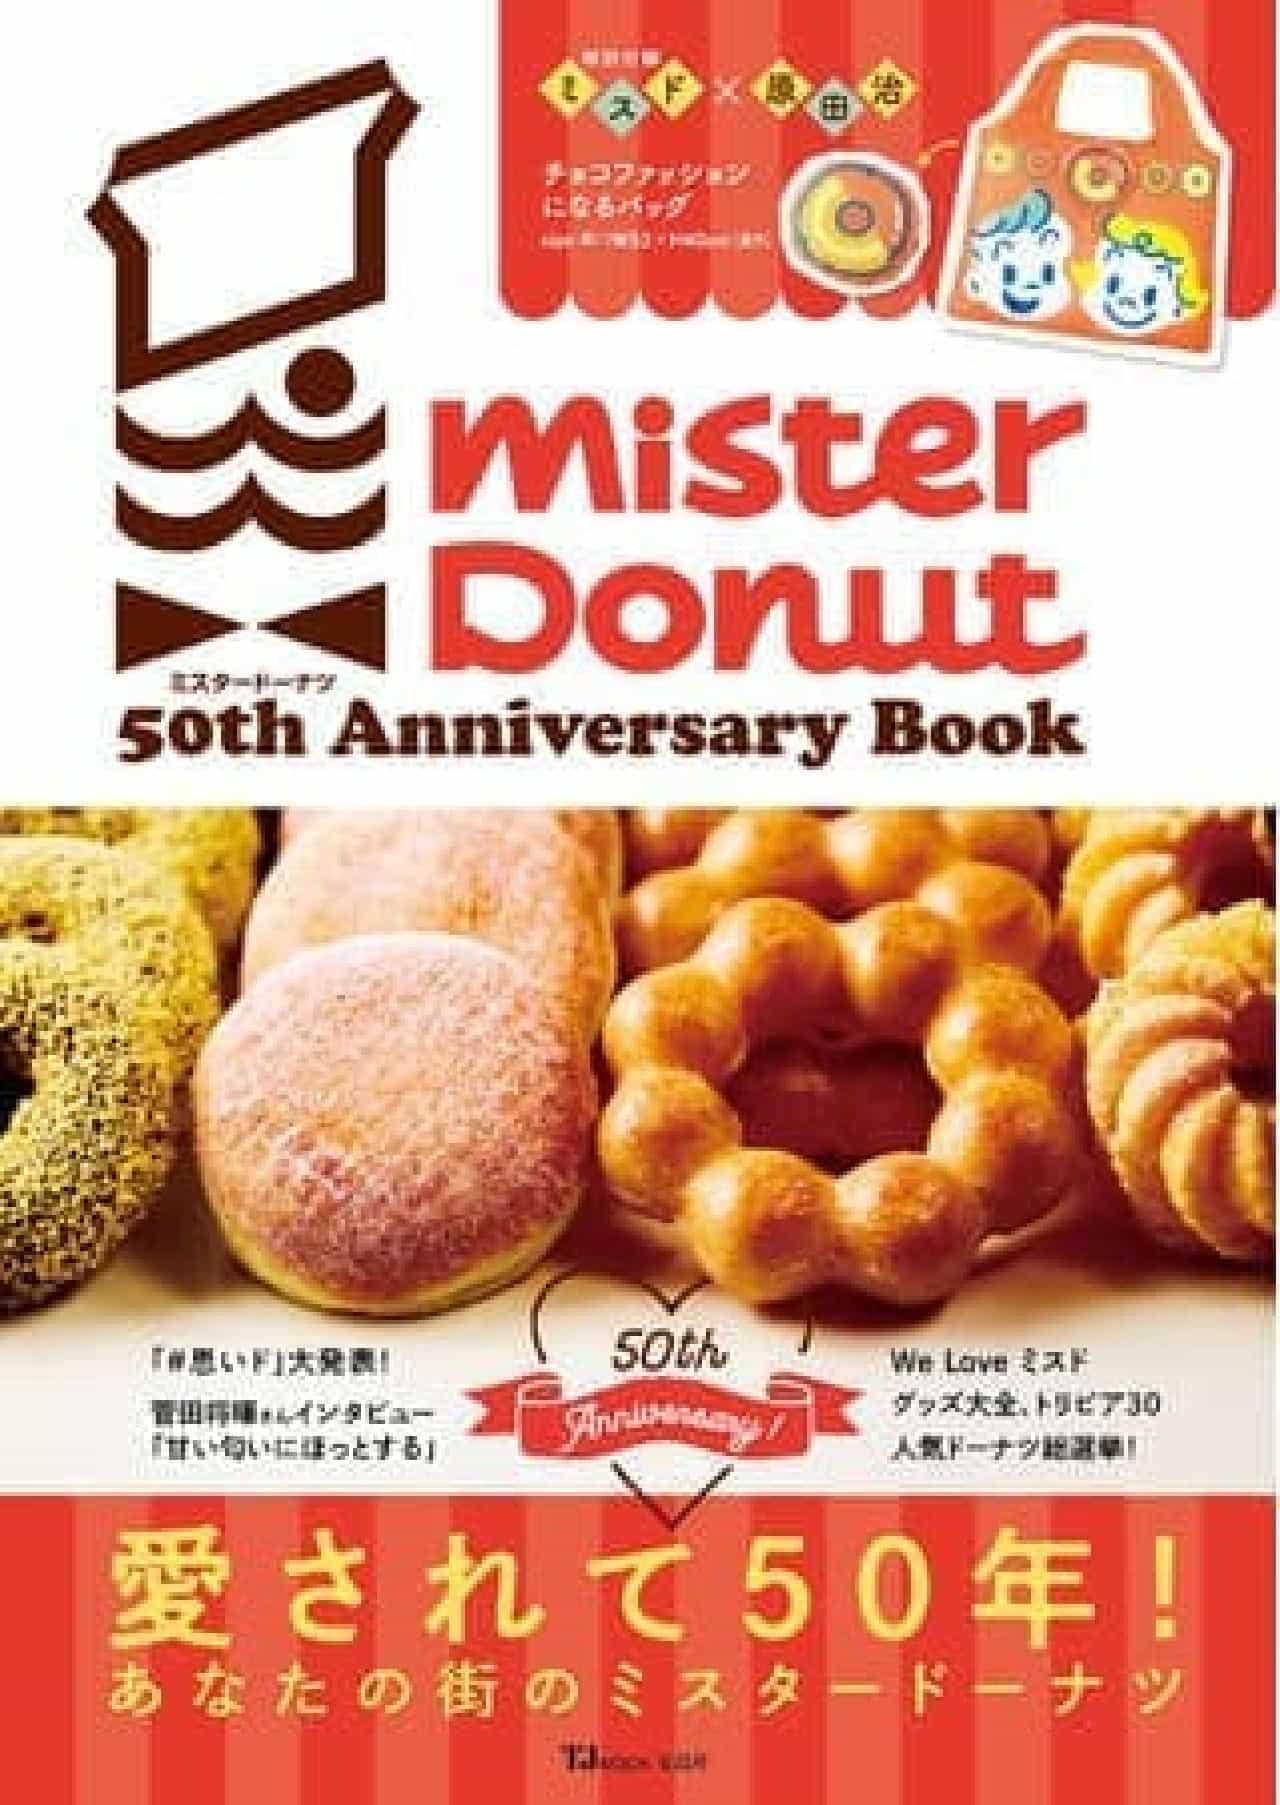 ミスタードーナツ 50th Anniversary Book